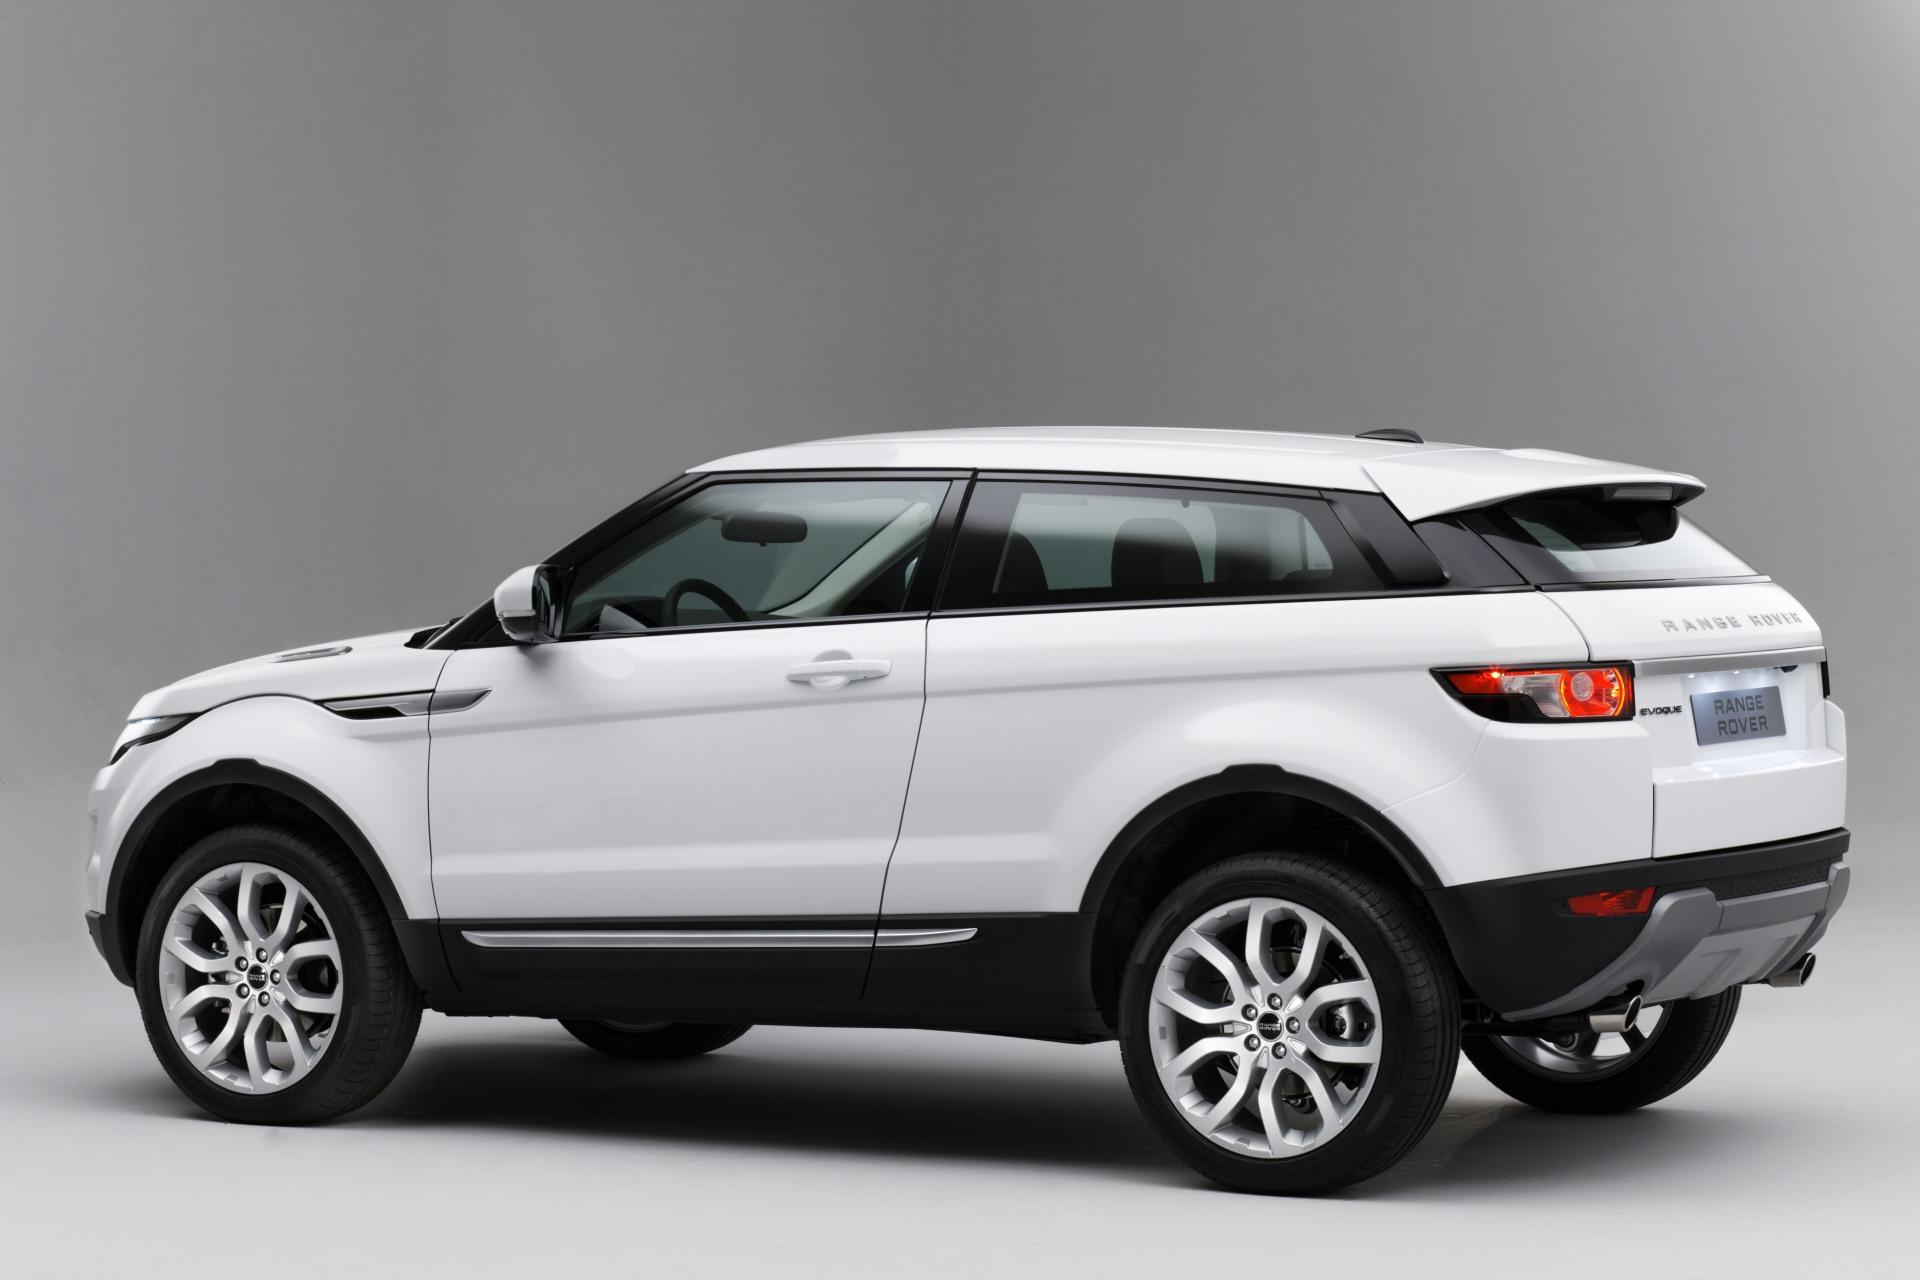 2011 Land Rover Range Rover Evoque Desktop Wallpaper And High